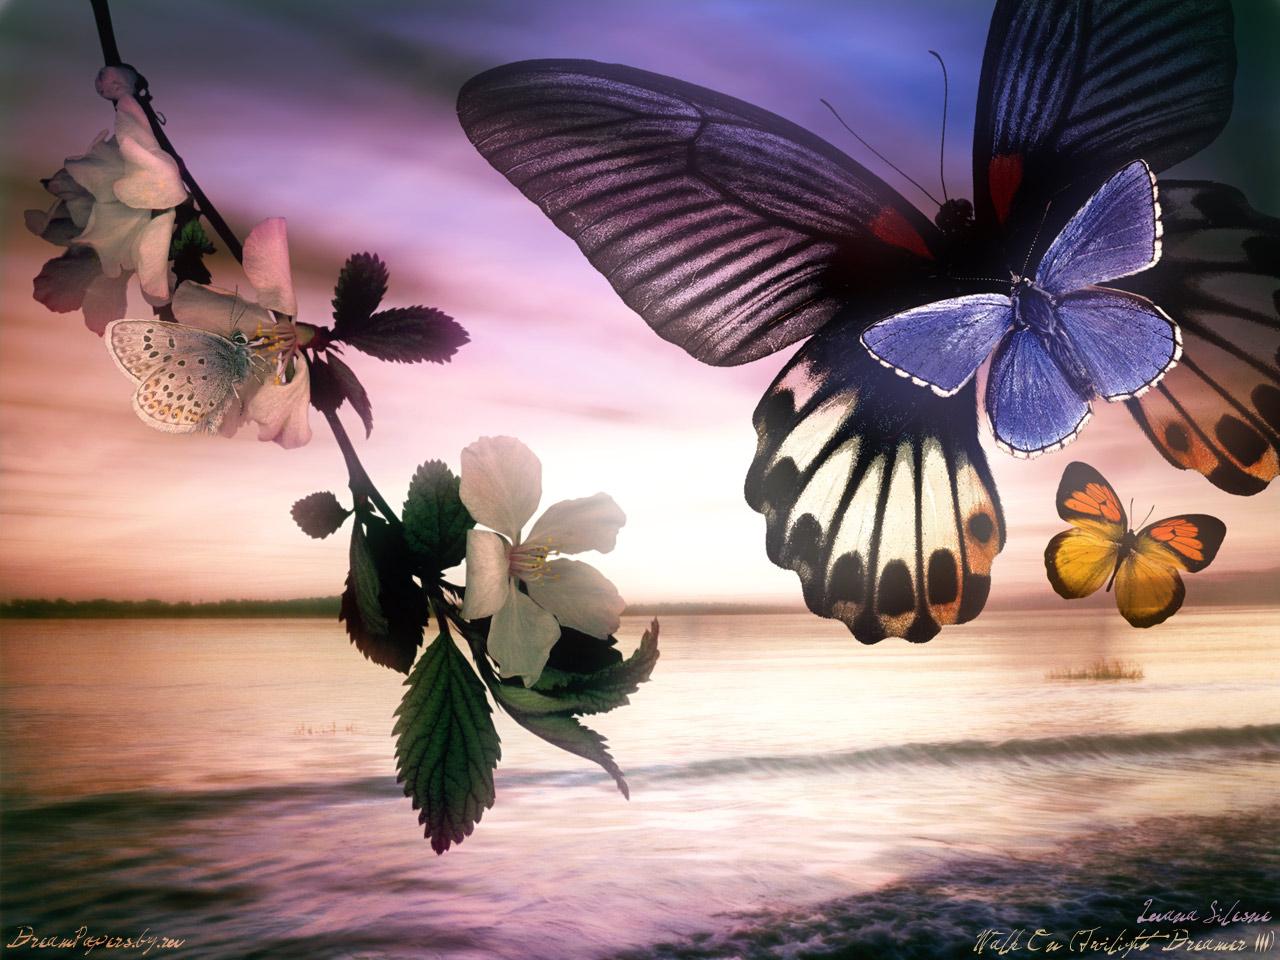 http://www.stihi.ru/pics/2009/06/08/3343.jpg